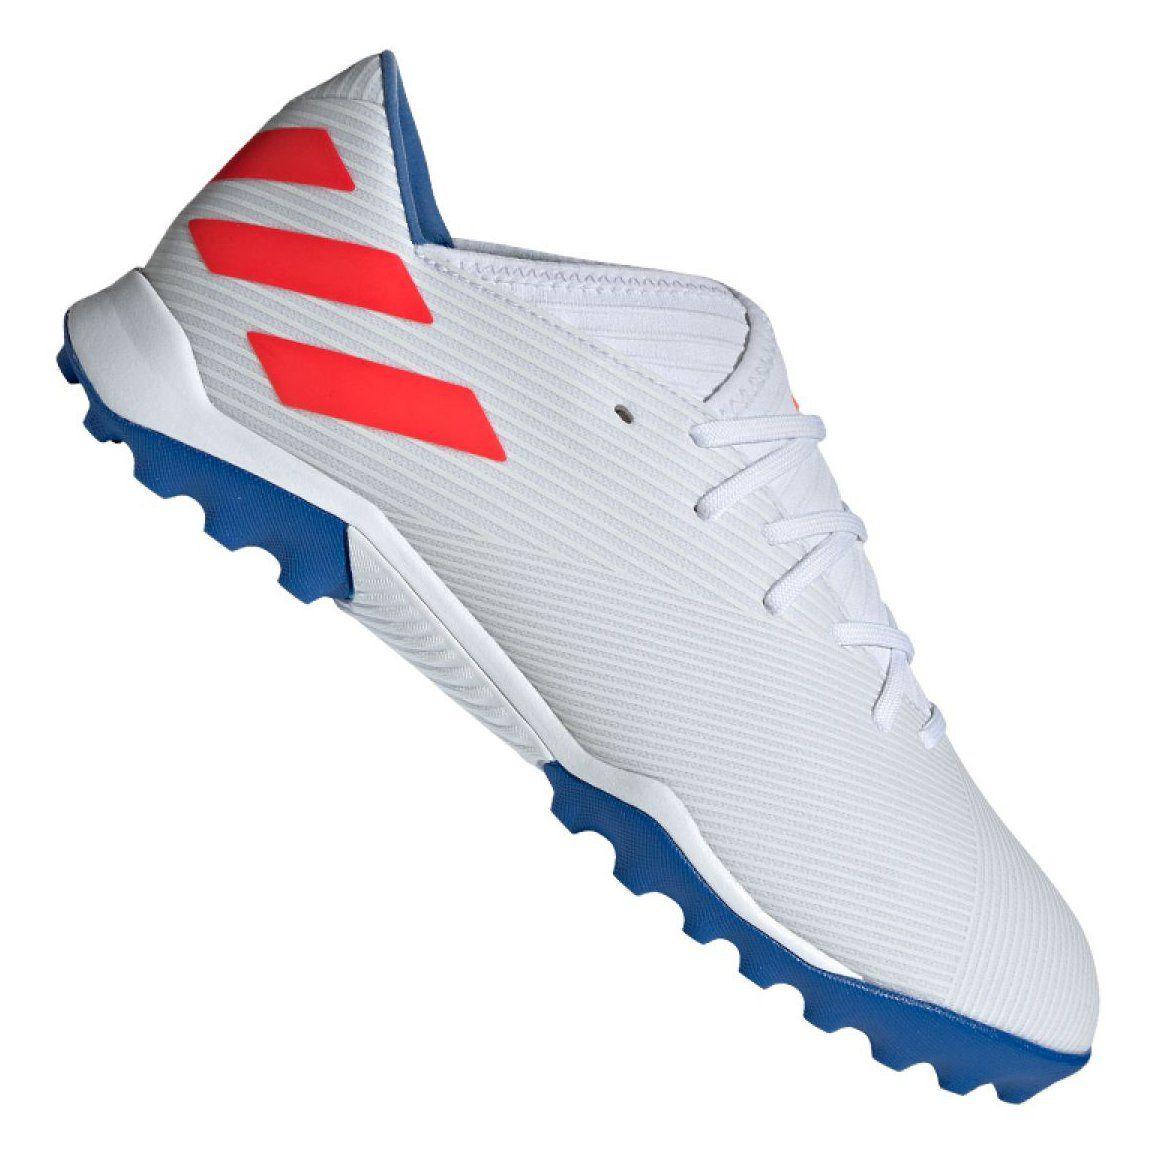 Buty Pilkarskie Adidas Nemeziz Messi 19 3 Tf M F34430 Biale Biale Messi Adidas Sport Shoes